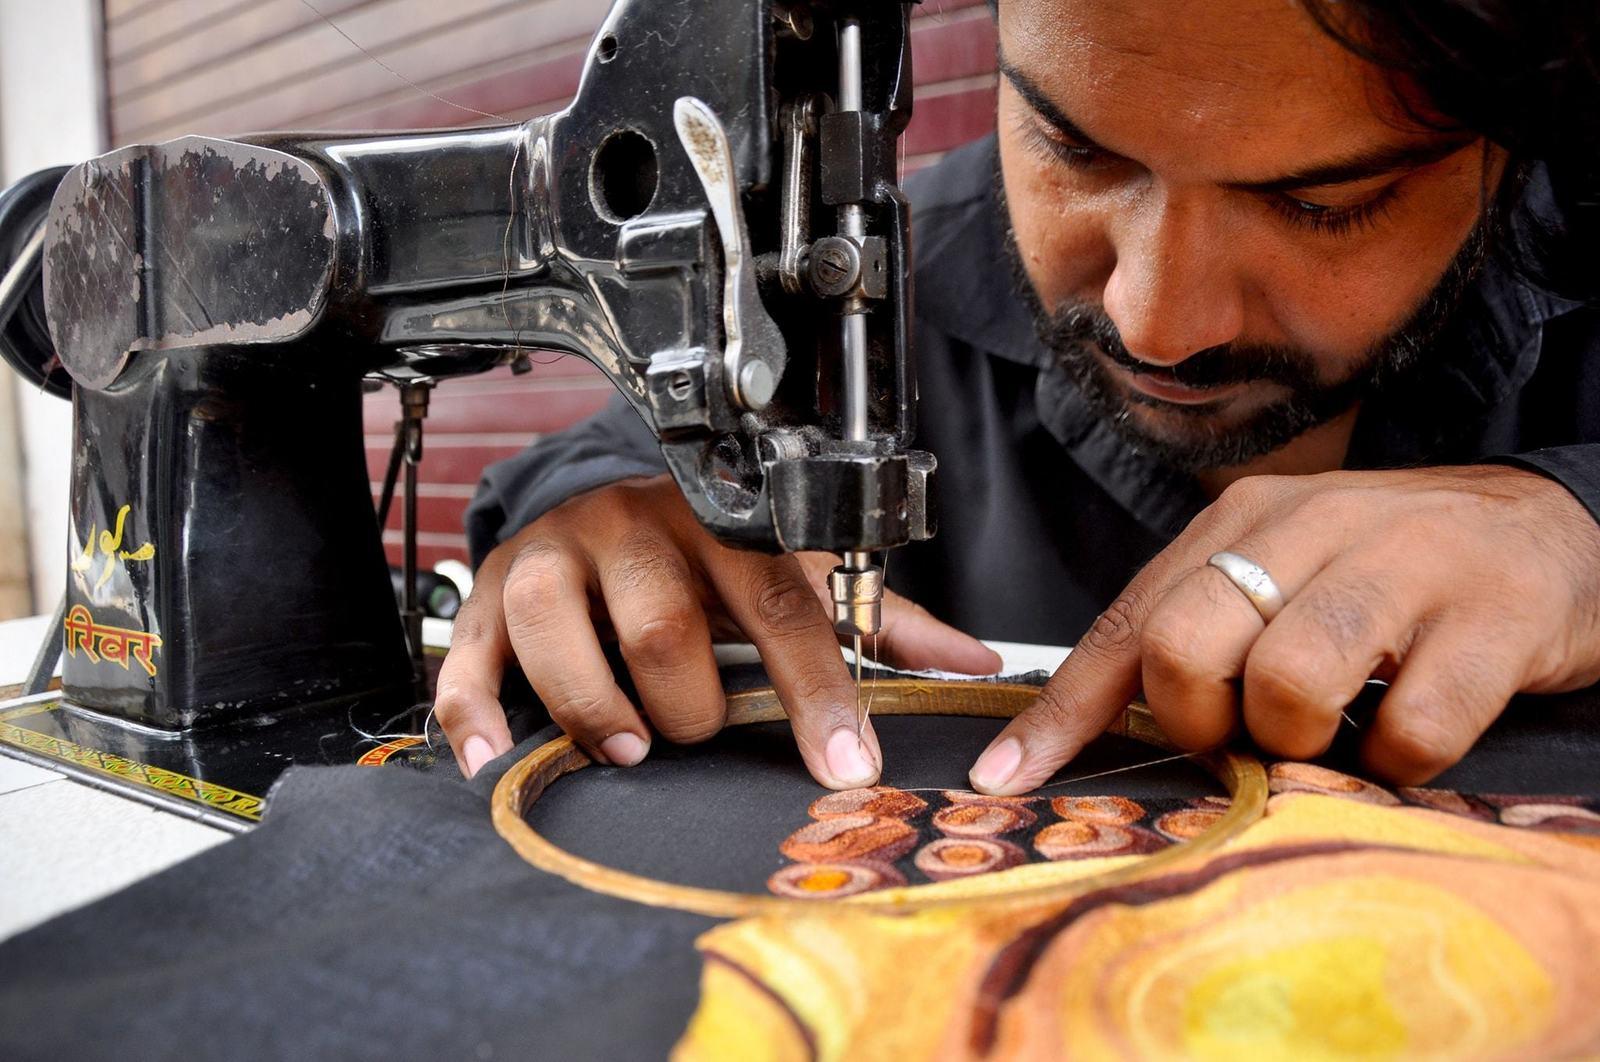 Художник вышивает потрясающие картины с помощью швейной машины | Пикабу